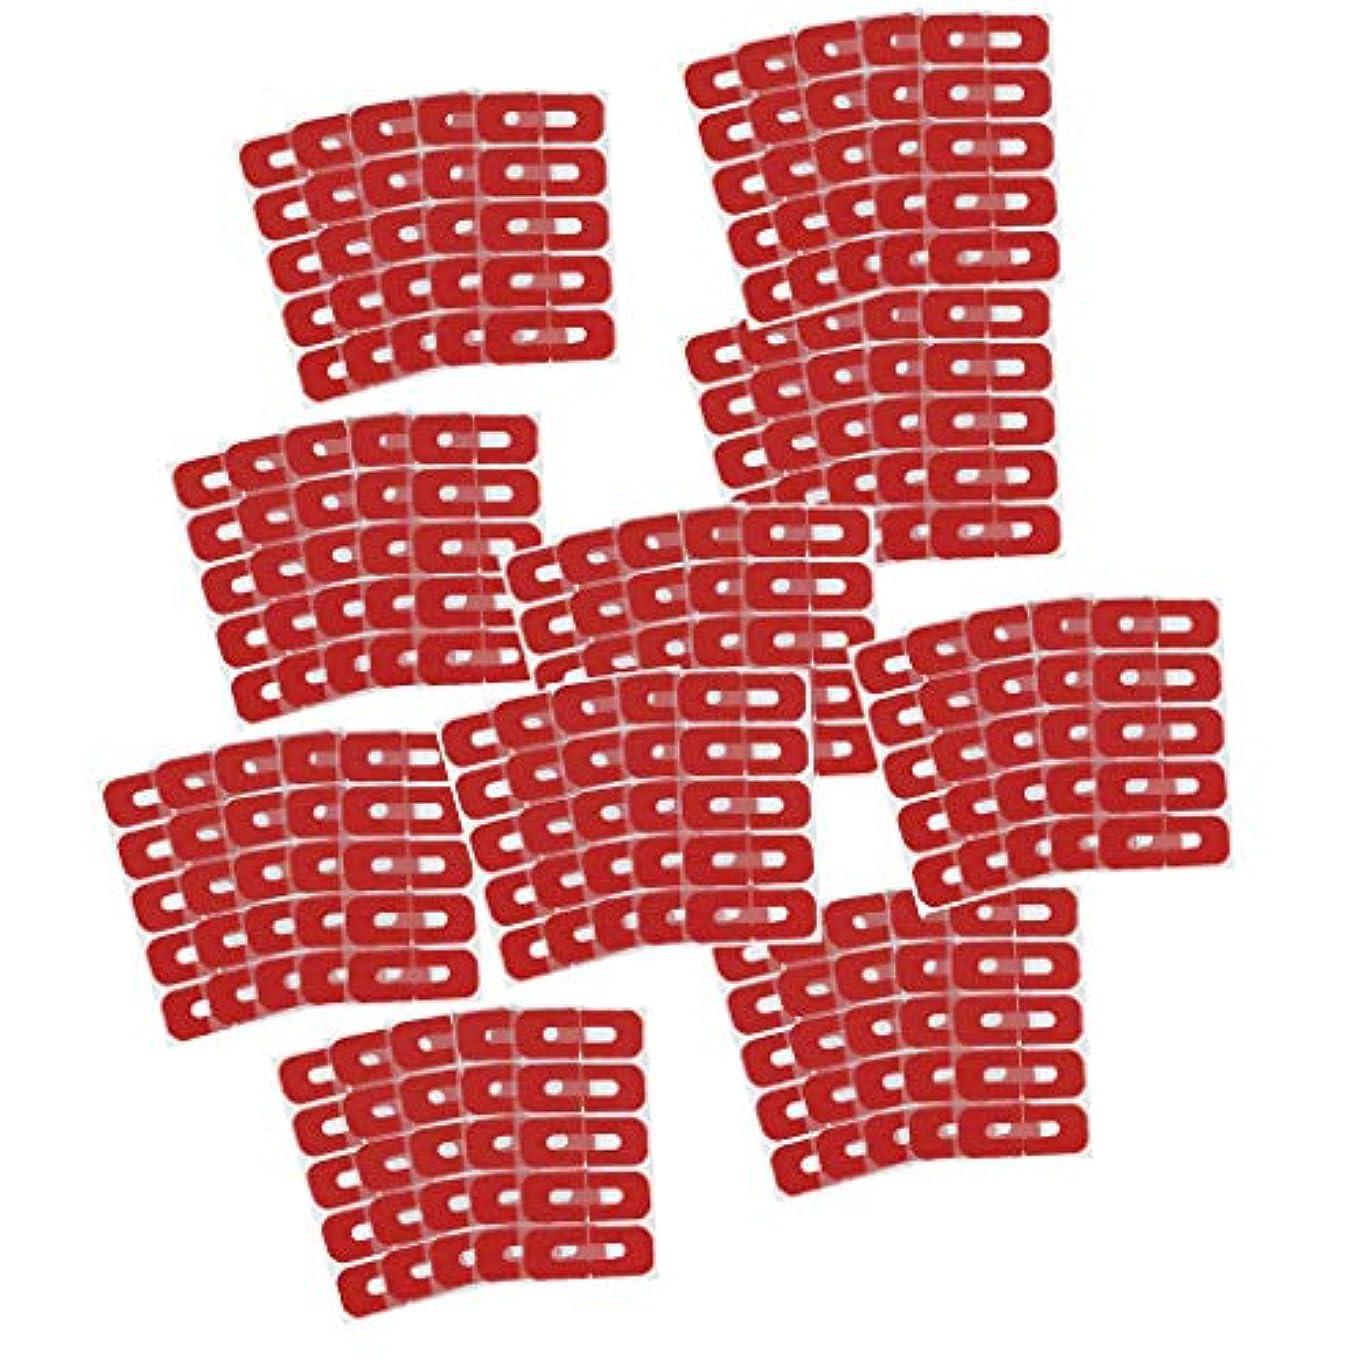 ラッカスぶどう雨Toygogo 50ピース赤使い捨てピールオフテープネイルアートこぼれ防止スキンバリアポーランドプロテクターカバーガード